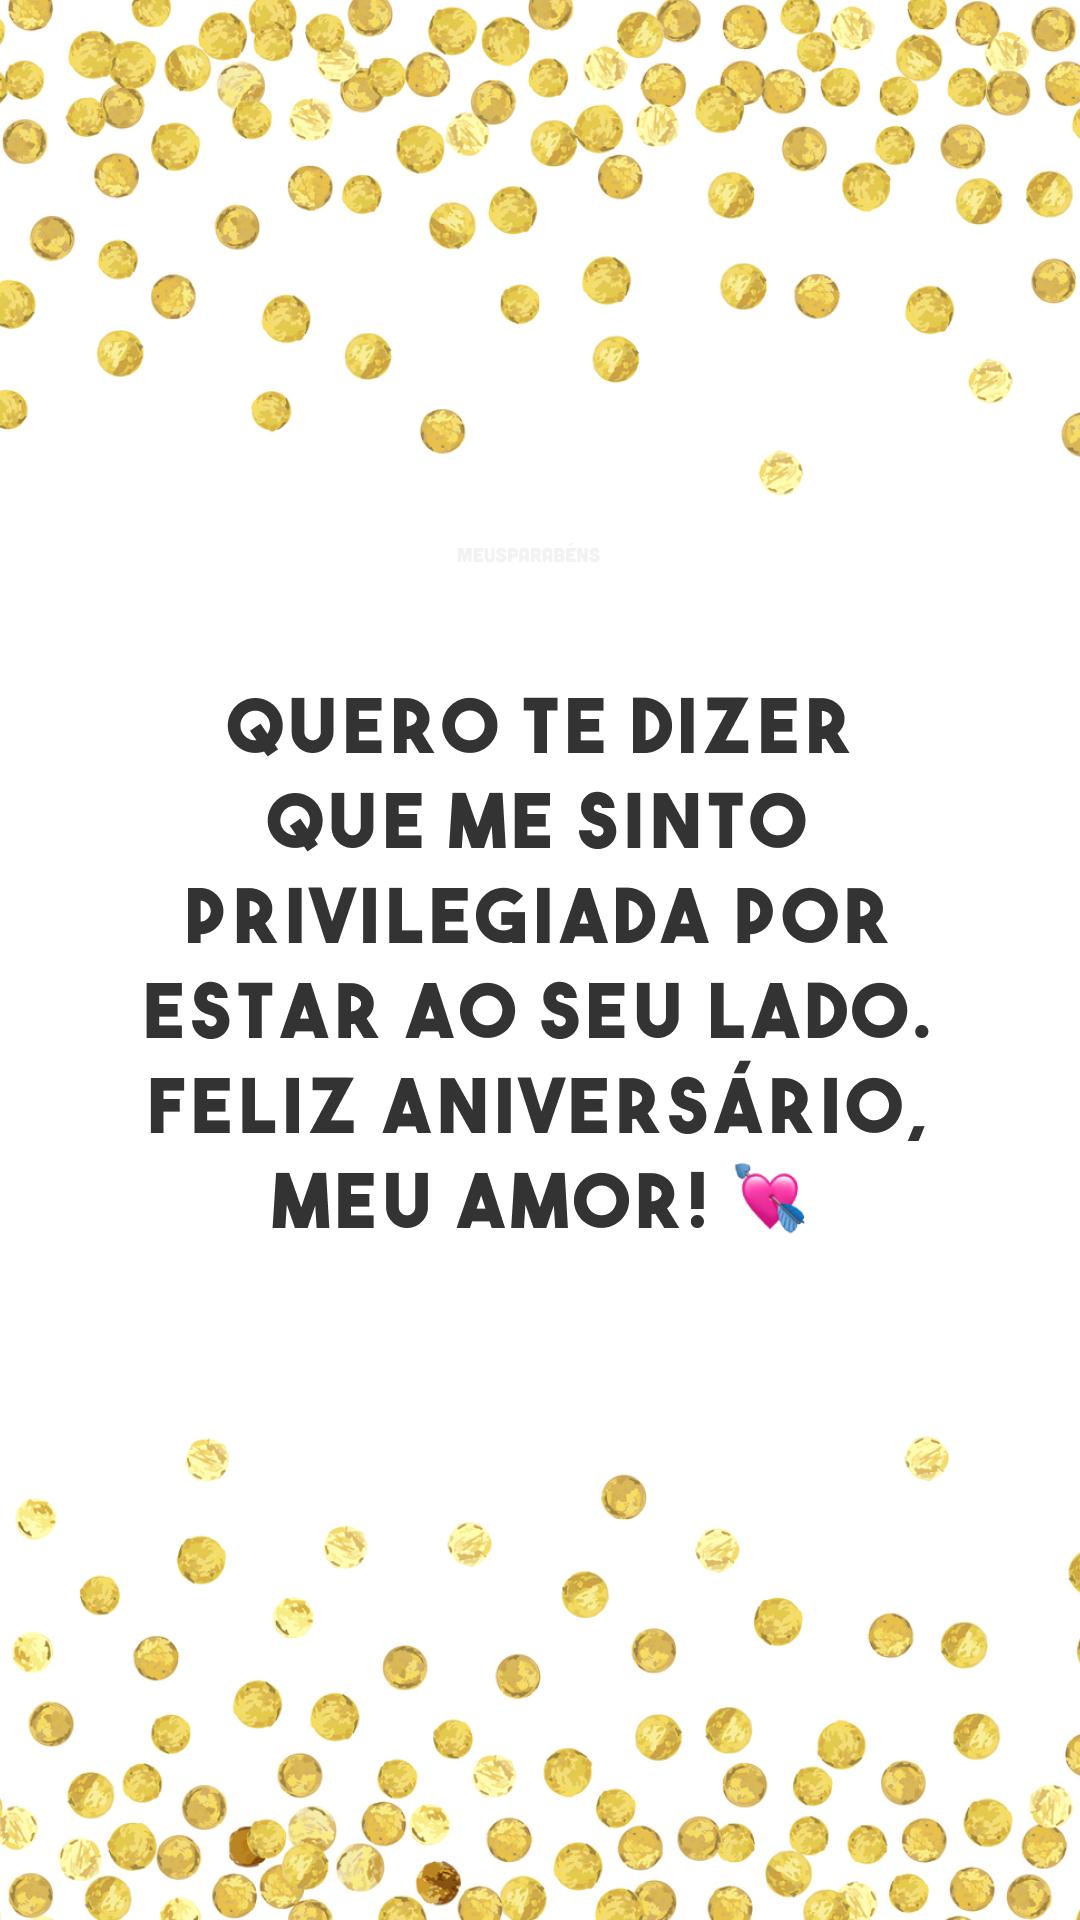 Quero te dizer que me sinto privilegiada por estar ao seu lado. Feliz aniversário, meu amor! 💘